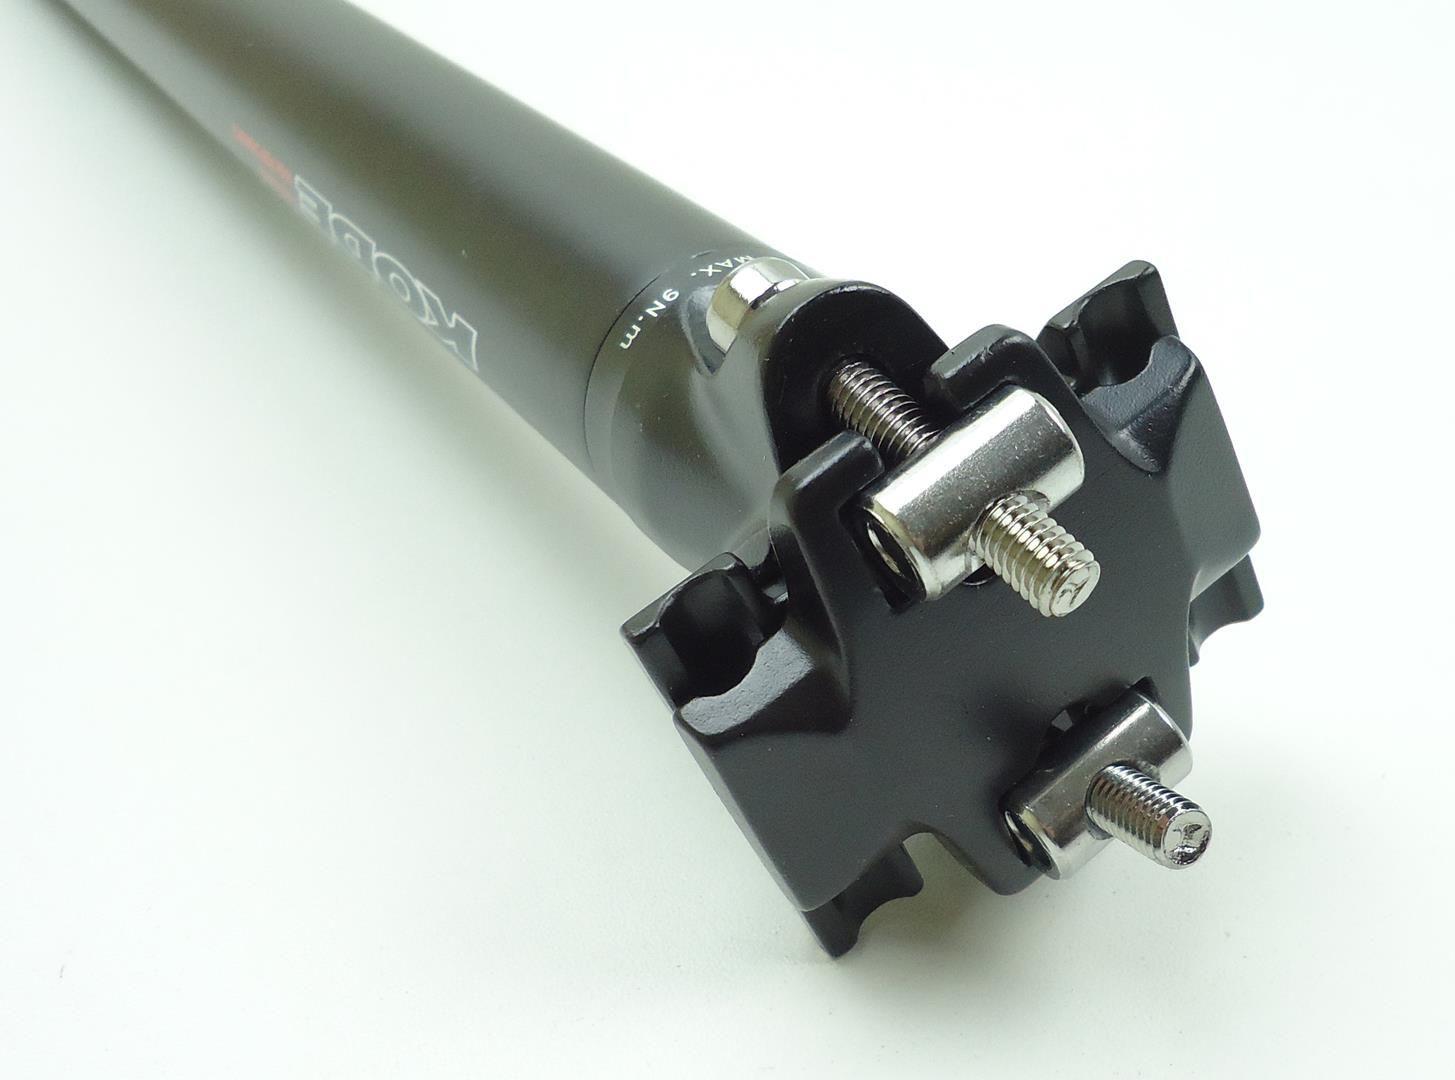 Canote Bicicleta Kode 30.9mm 400mm em Aluminio Cor Preto com Microajuste